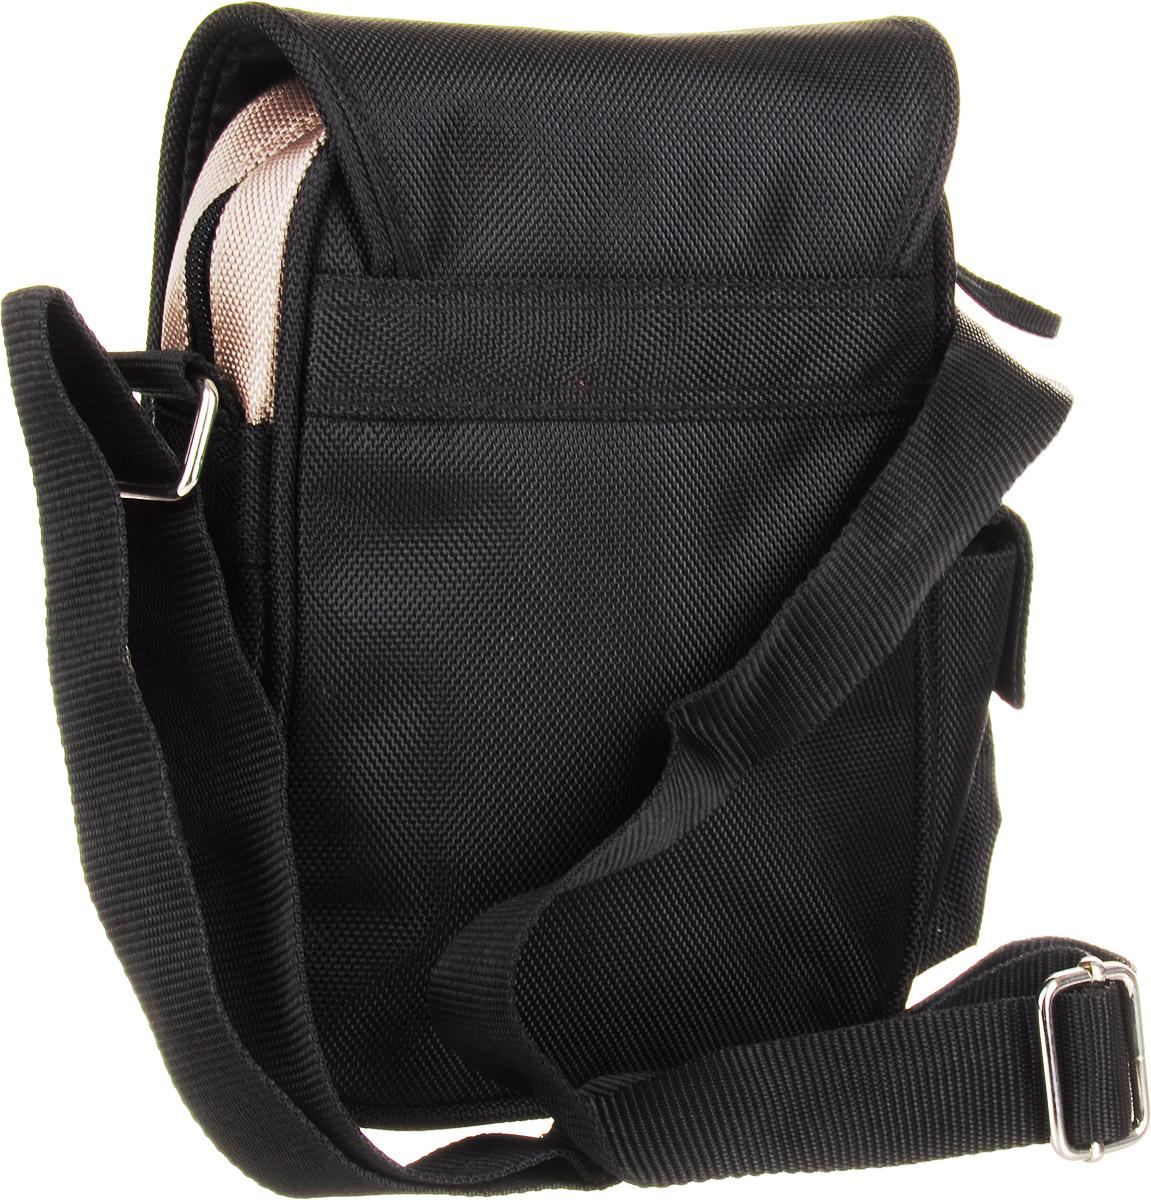 Компактная молодежная сумка Lonsdale изготовлена из прочного, износостойкого материала и оформлена оригинальным термопринтом.  Сумка имеет одно основное отделение, которое закрывается на молнию и клапаном на карабине. Внутри отделения расположен открытый накладной карман. Под клапаном размещен дополнительный врезной карман на молнии. С одного бока сумки имеется накладной кармашек под клапаном на липучке. Удобная лямка регулируется по длине. Гармоничное сочетание в отделке подчеркивает индивидуальность изделия и станет идеальным дополнением вашего повседневного образа.